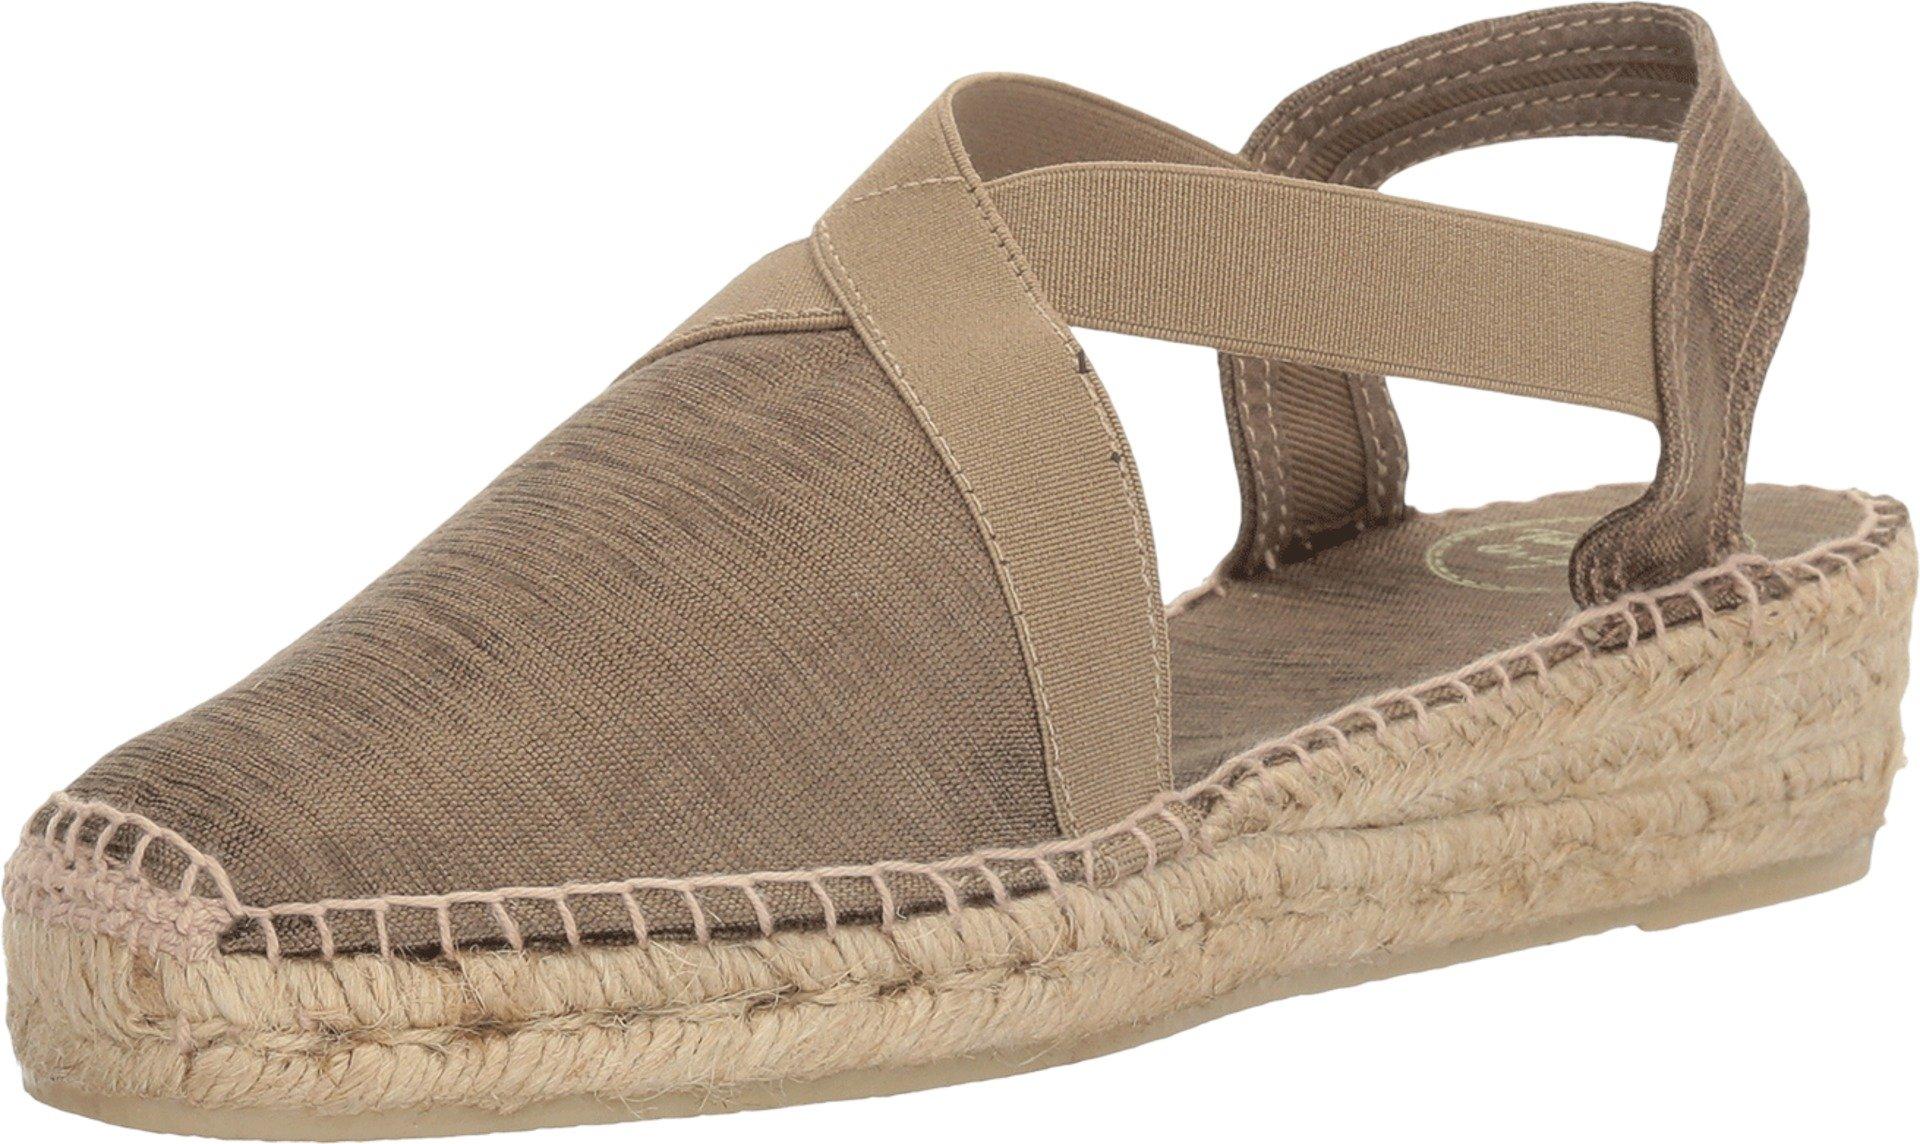 Toni Pons Women's Vic Taupe Sedavi Shoe by Toni Pons